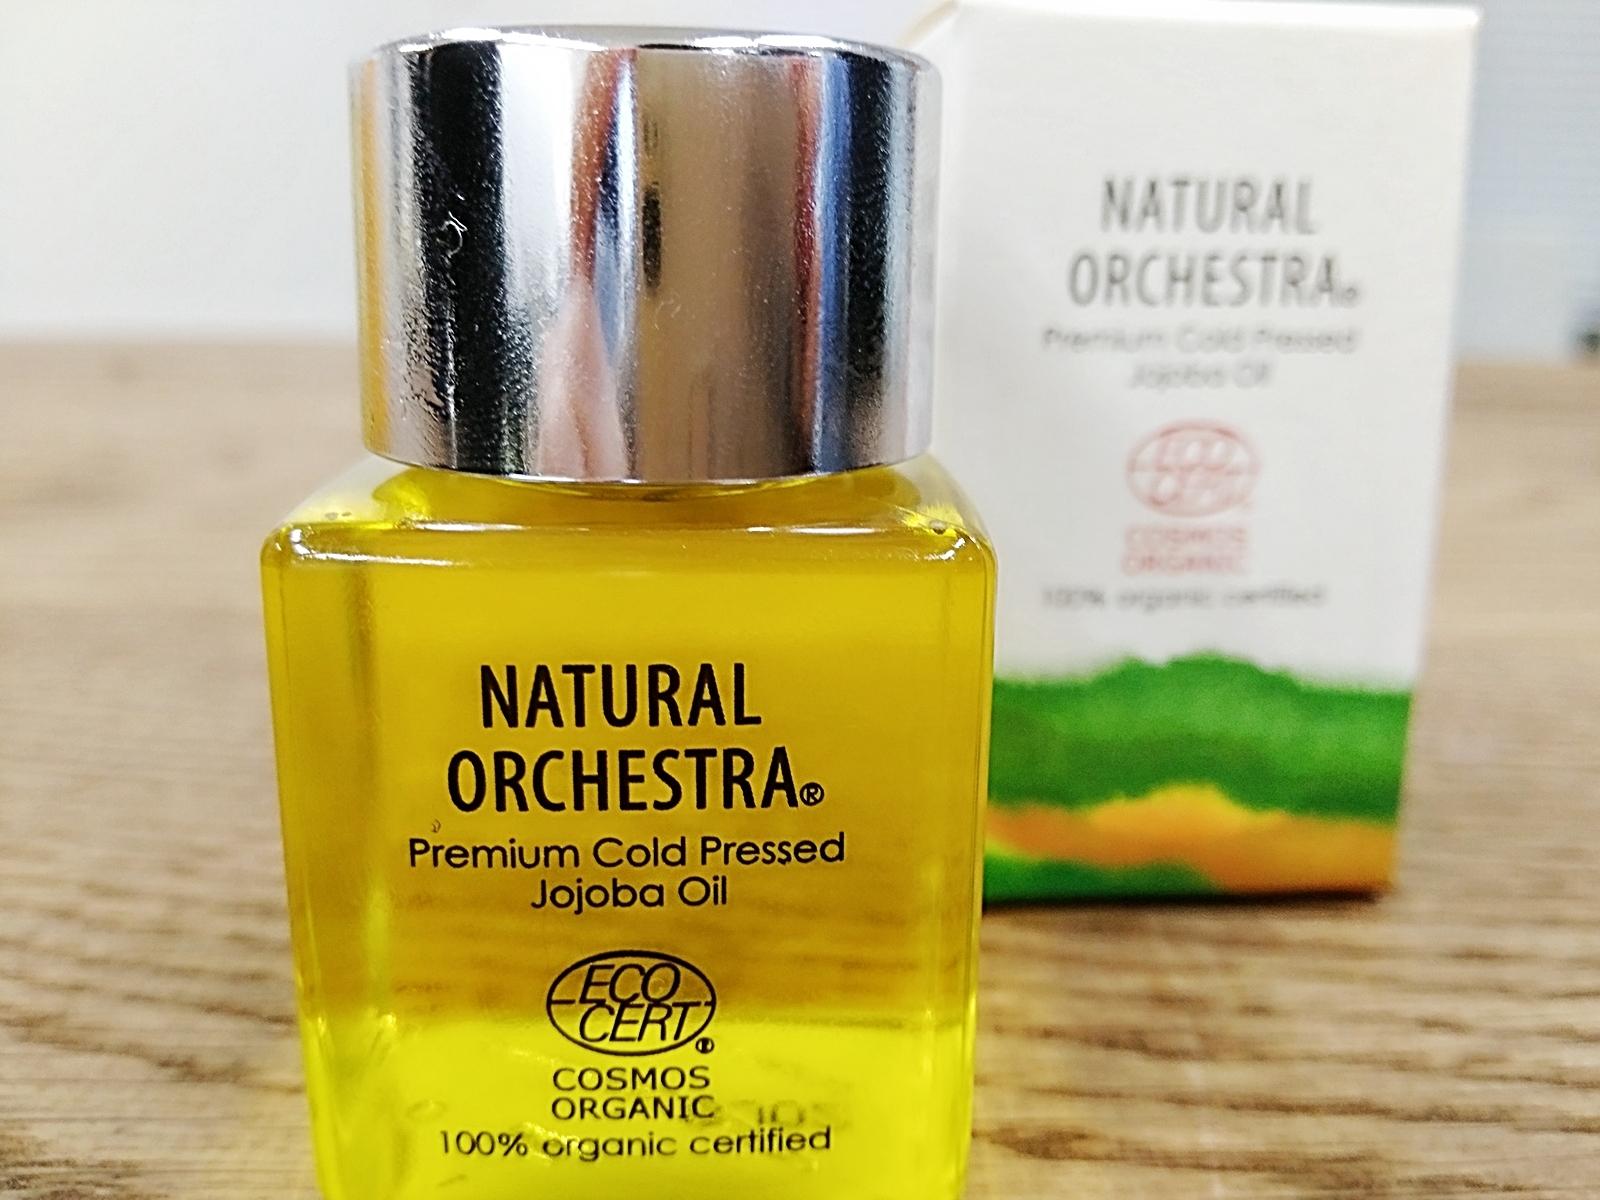 ギフトにも最適!!NATURAL ORCHESTRA 【オーガニックホホバオイル】はフランス&ヨーロッパの最高権威オーガニック認定を受けた最高品質です